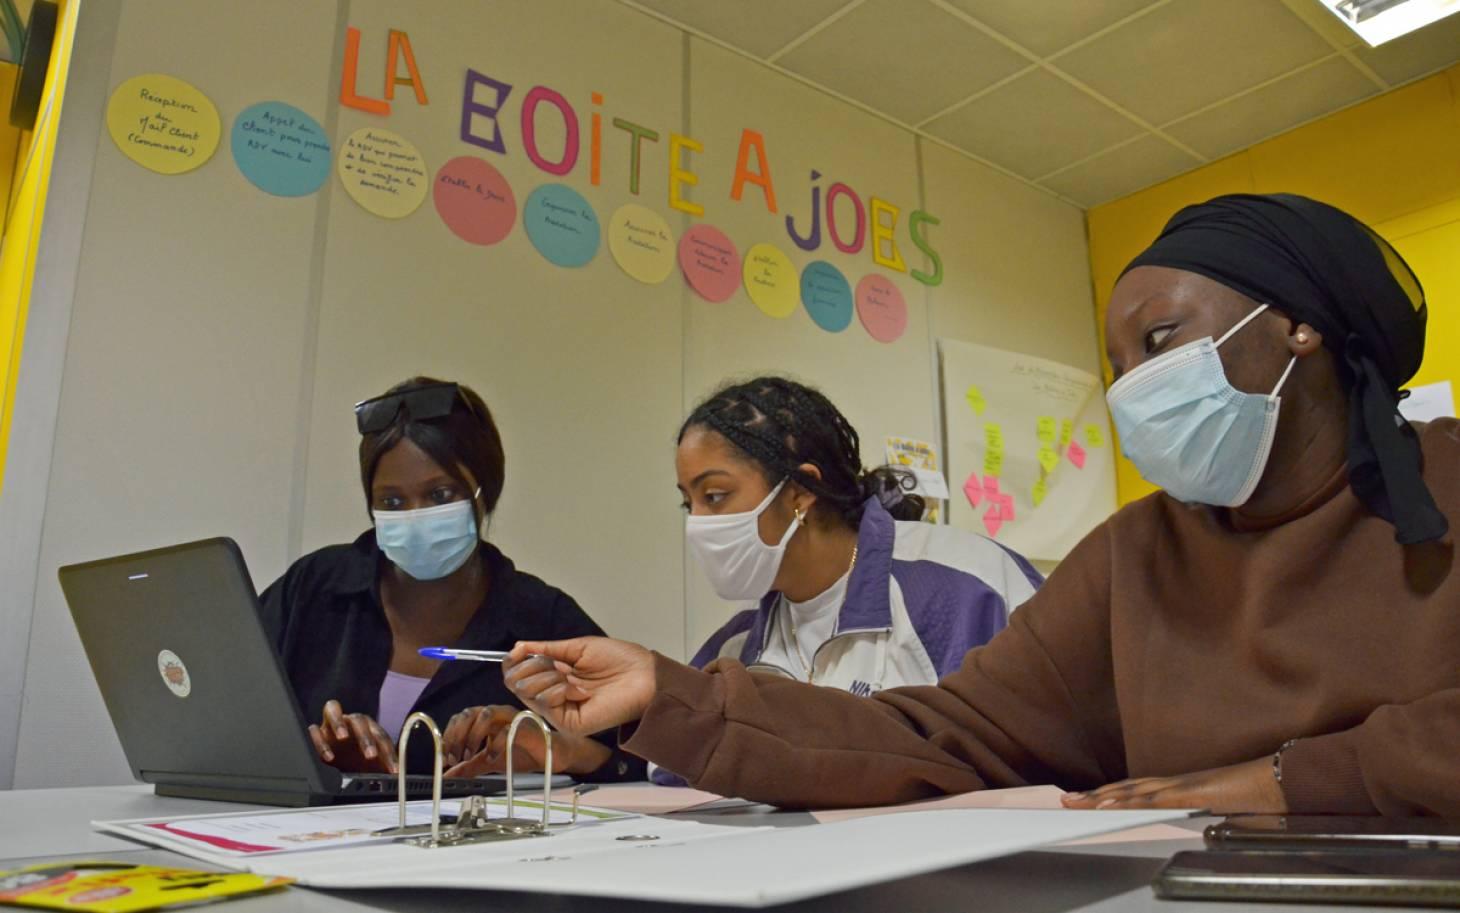 Poitiers - Des jeunes ouvrent leur boîte à jobs